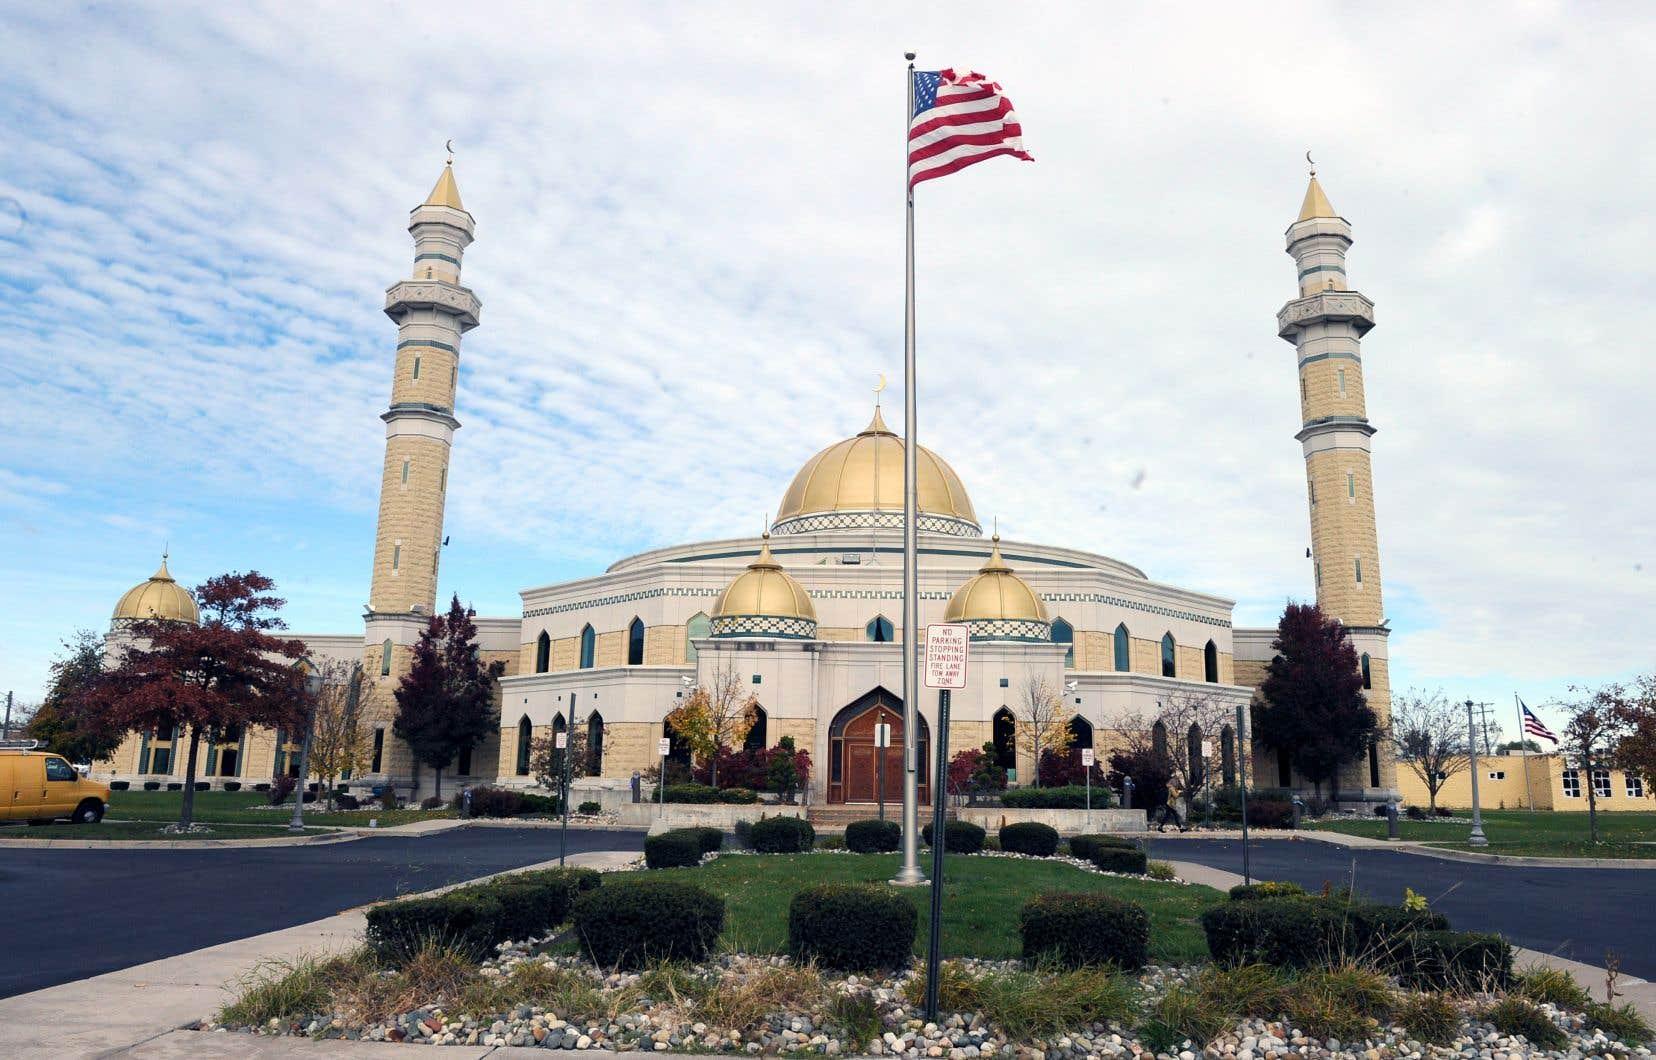 La plus grande mosquée des États-Unis se trouve à Dearborn, au Michigan, où près du tiers de la population se déclare d'origine arabo-musulmane.